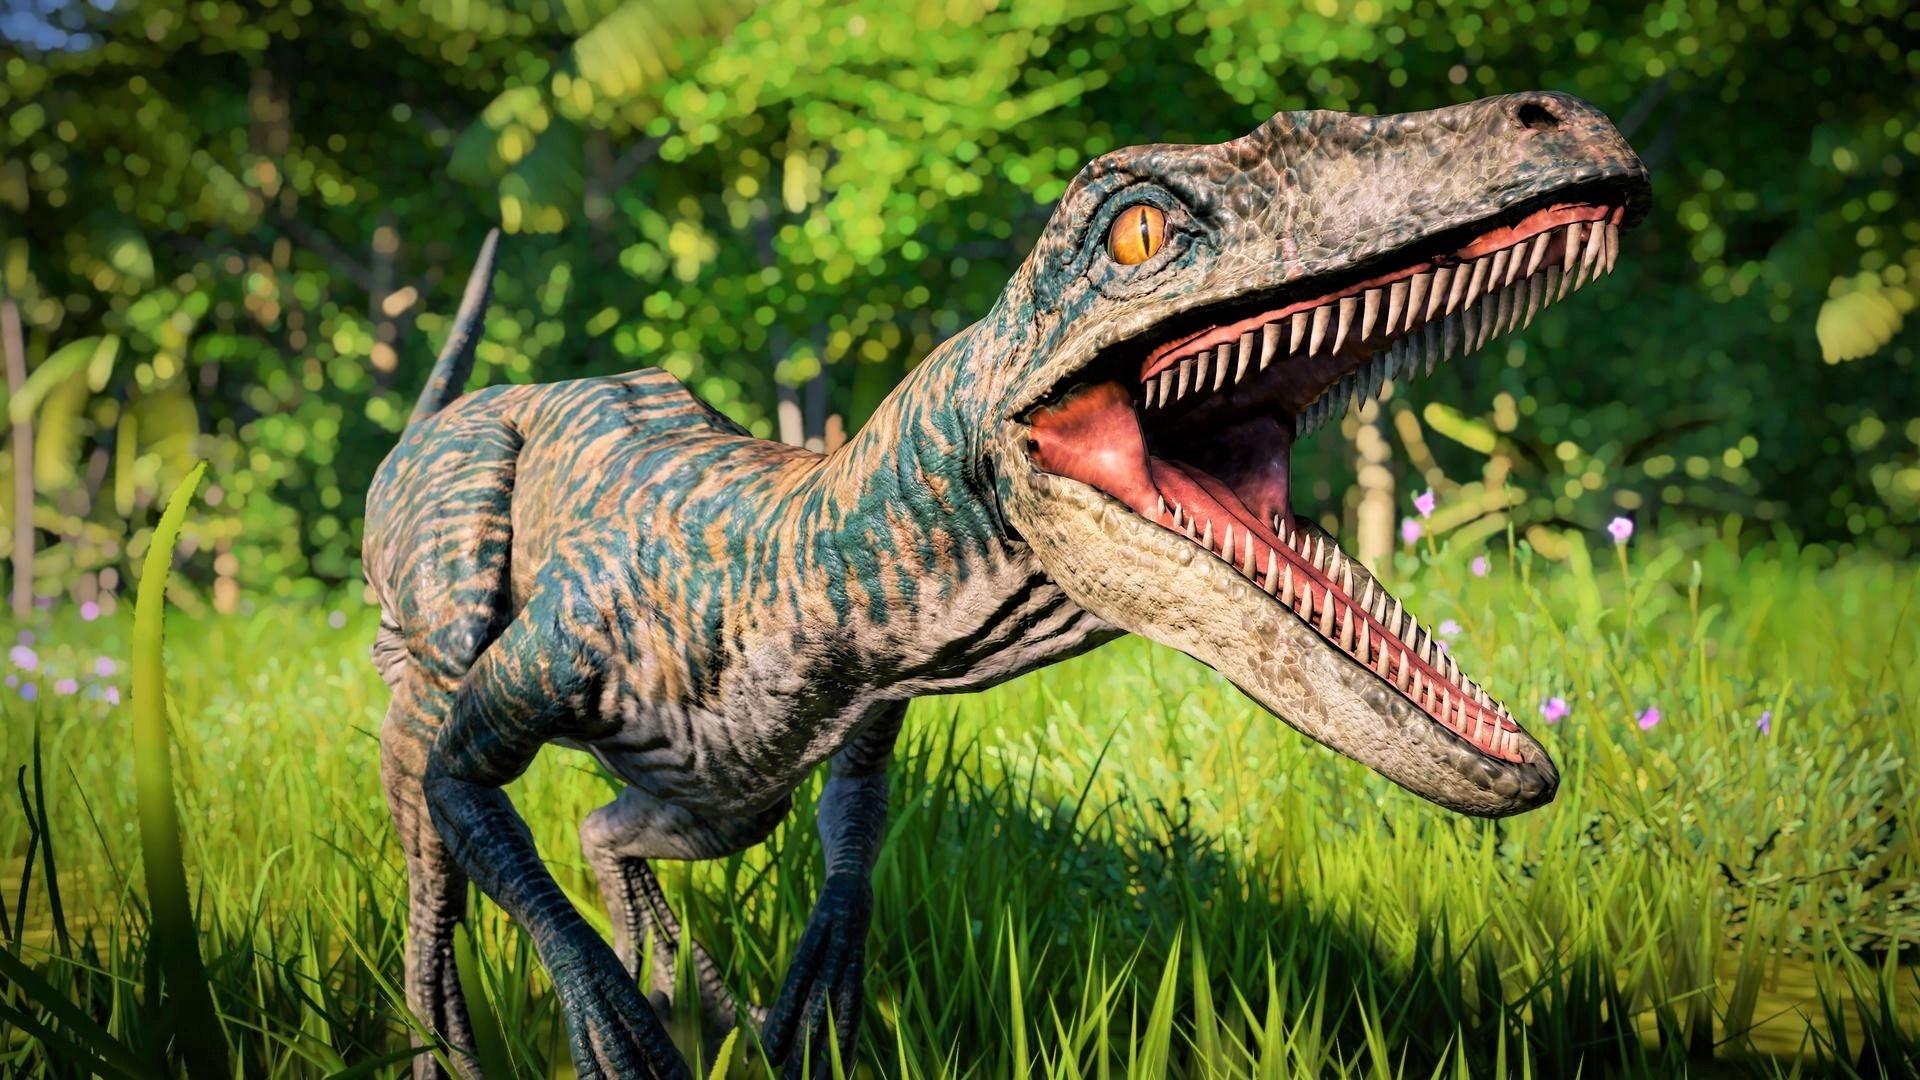 Jurassic World Evo 2: Diese 6 Dinge muss das Dino-Spiel schaffen